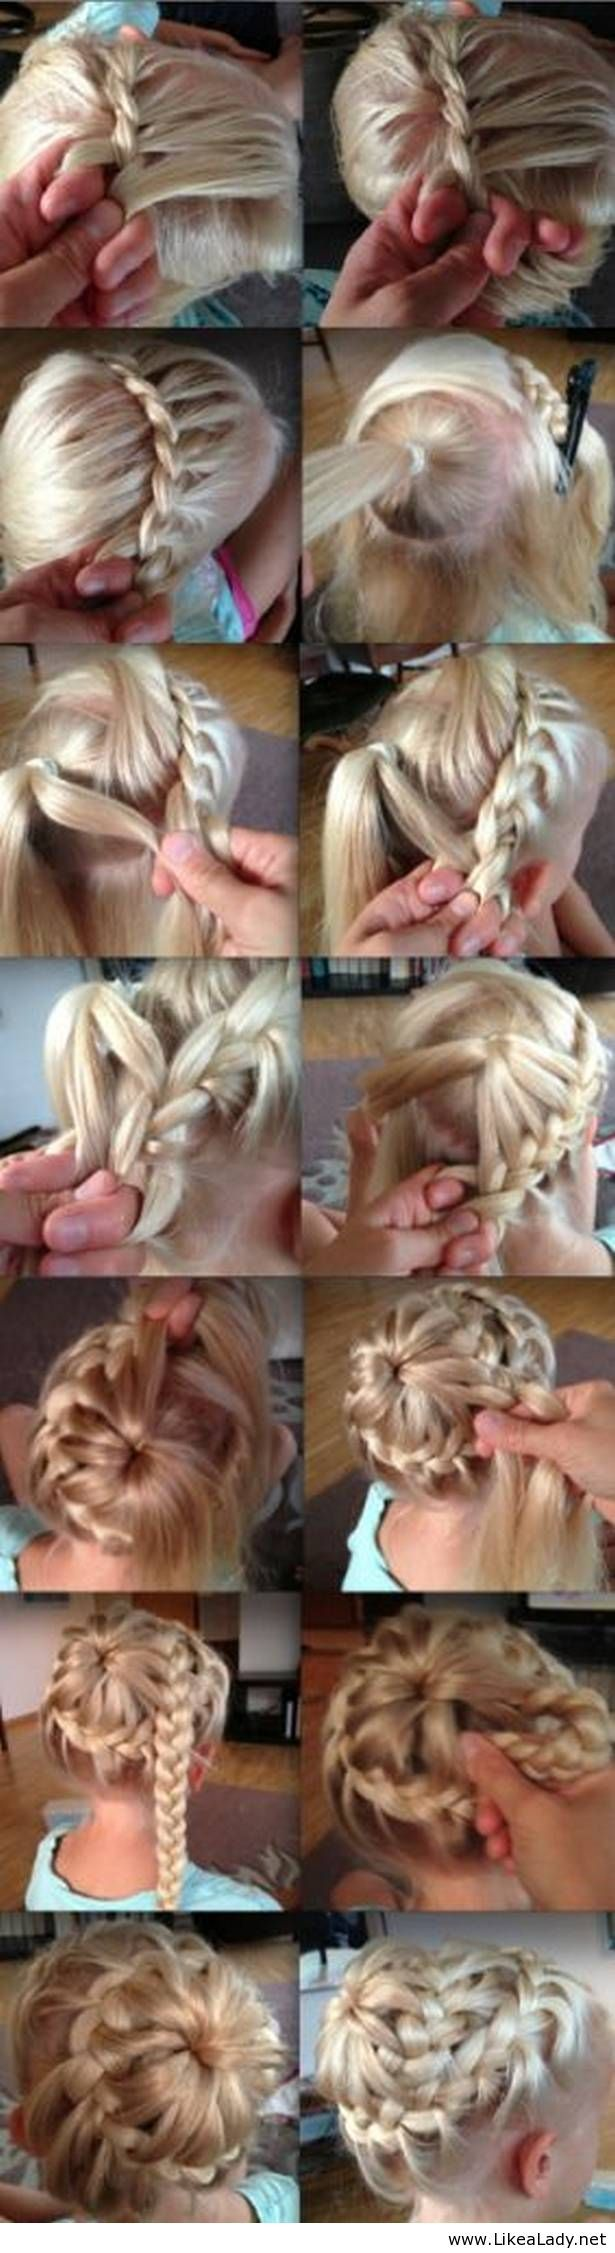 Wonderful Braided Hairstyles Step by Step Tutorial